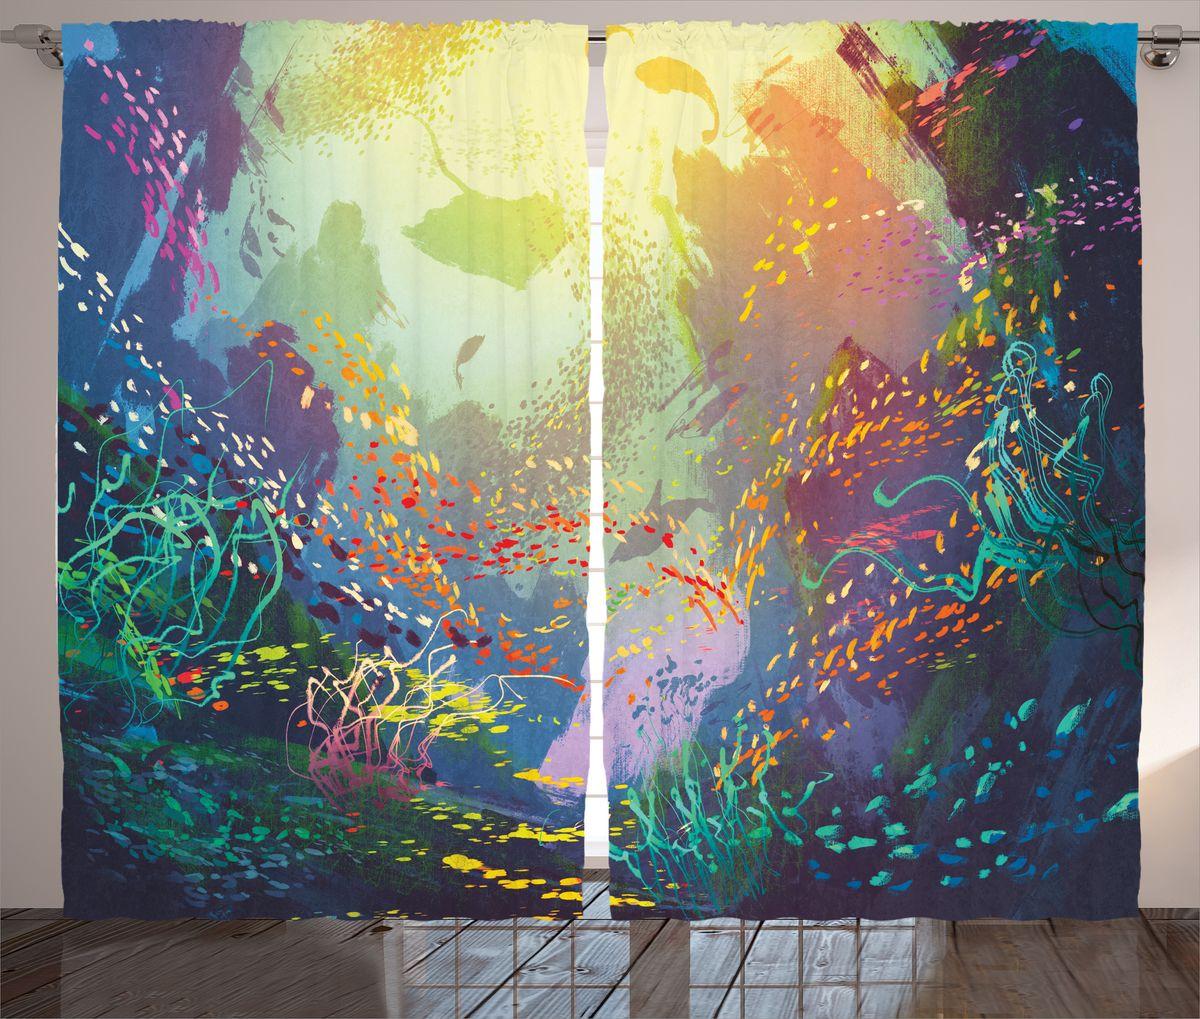 Комплект фотоштор Magic Lady Красота подводного мира, на ленте, высота 265 см. шсг_17281шсг_2288Компания Сэмболь изготавливает шторы из высококачественного сатена (полиэстер 100%). При изготовлении используются специальные гипоаллергенные чернила для прямой печати по ткани, безопасные для человека и животных. Экологичность продукции Magic lady и безопасность для окружающей среды подтверждены сертификатом Oeko-Tex Standard 100. Крепление: крючки для крепления на шторной ленте (50 шт). Возможно крепление на трубу. Внимание! При нанесении сублимационной печати на ткань технологическим методом при температуре 240°С, возможно отклонение полученных размеров (указанных на этикетке и сайте) от стандартных на + - 3-5 см. Производитель старается максимально точно передать цвета изделия на фотографиях, однако искажения неизбежны и фактический цвет изделия может отличаться от воспринимаемого по фото. Обратите внимание! Шторы изготовлены из полиэстра сатенового переплетения, а не из сатина (хлопок). Размер одного полотна шторы: 145х265 см. В комплекте 2 полотна шторы и 50 крючков.